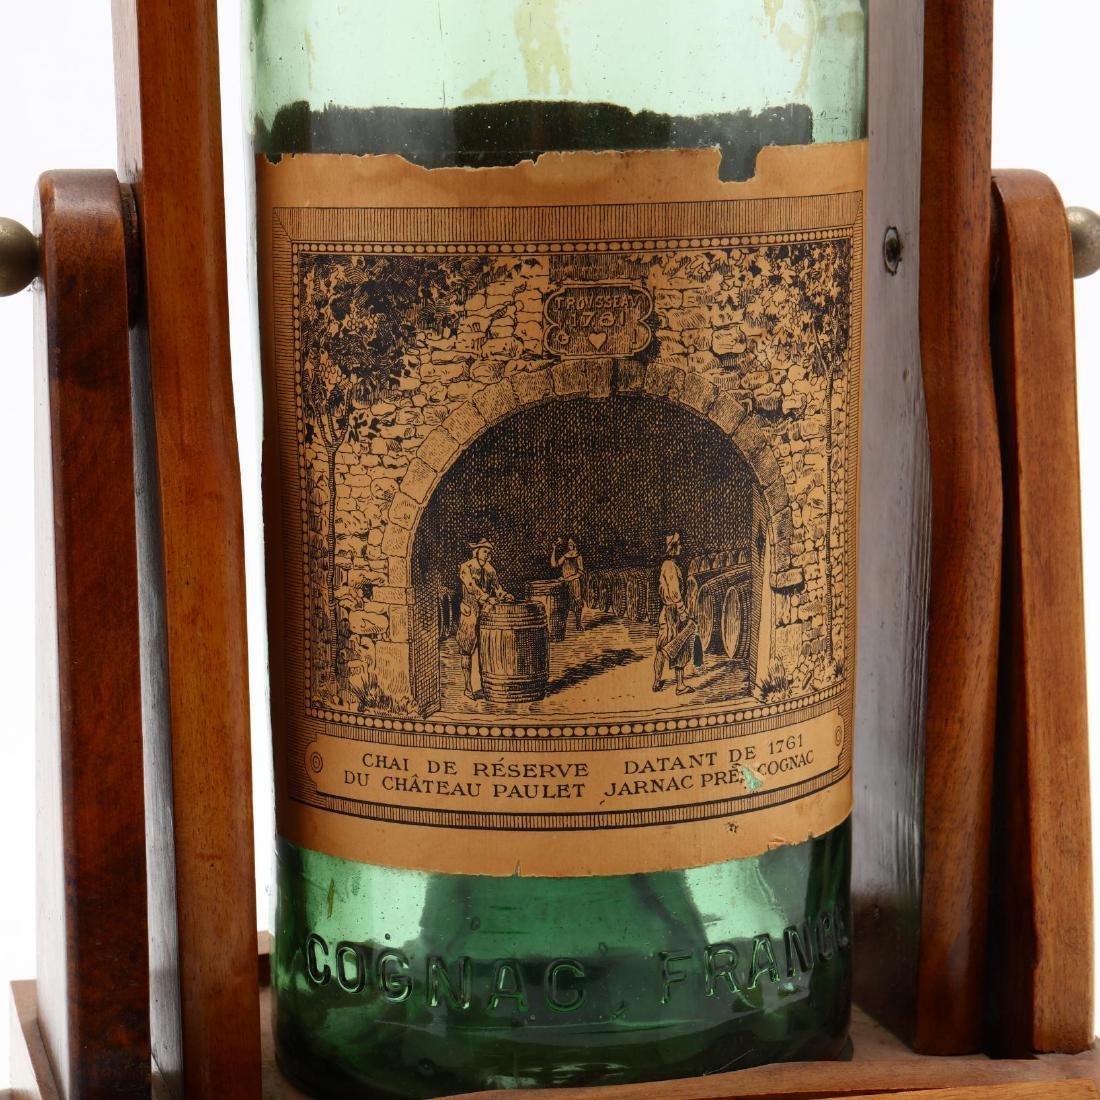 Vintage Cognac Bottle and Dispenser - 2